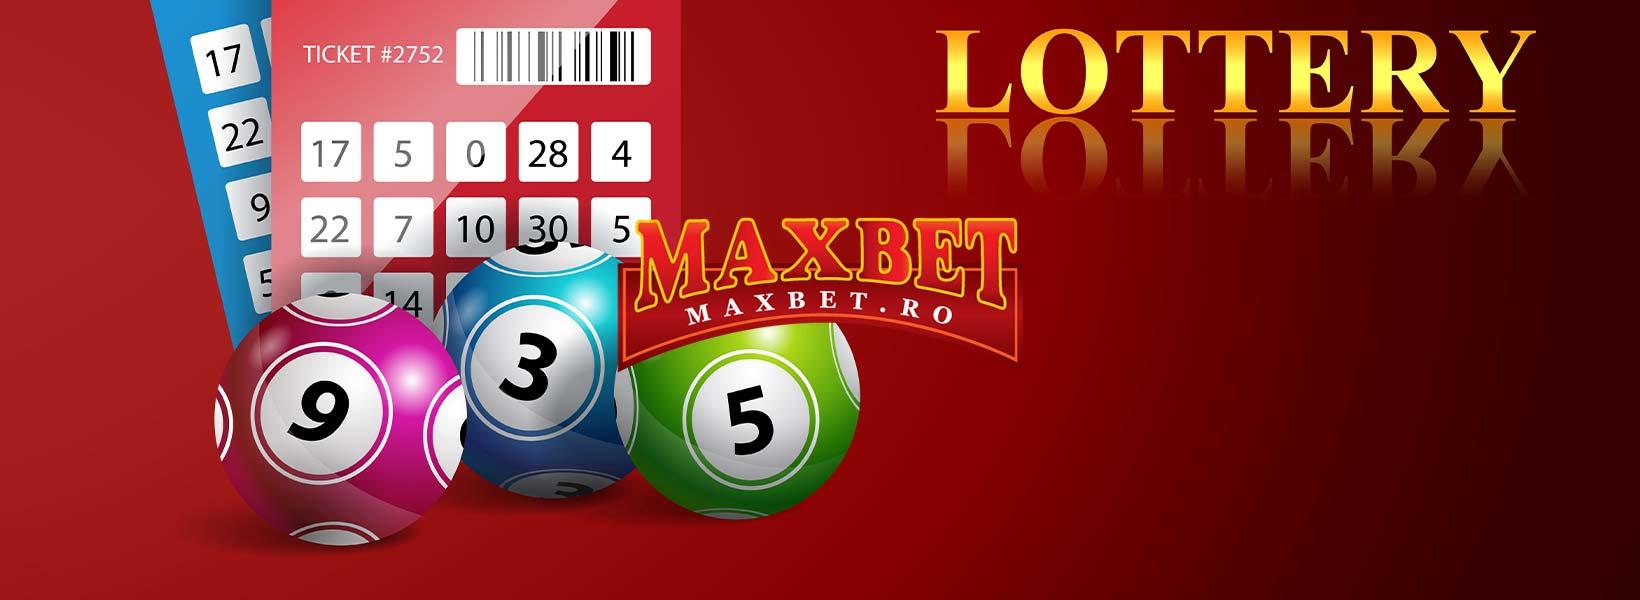 loto maxbet